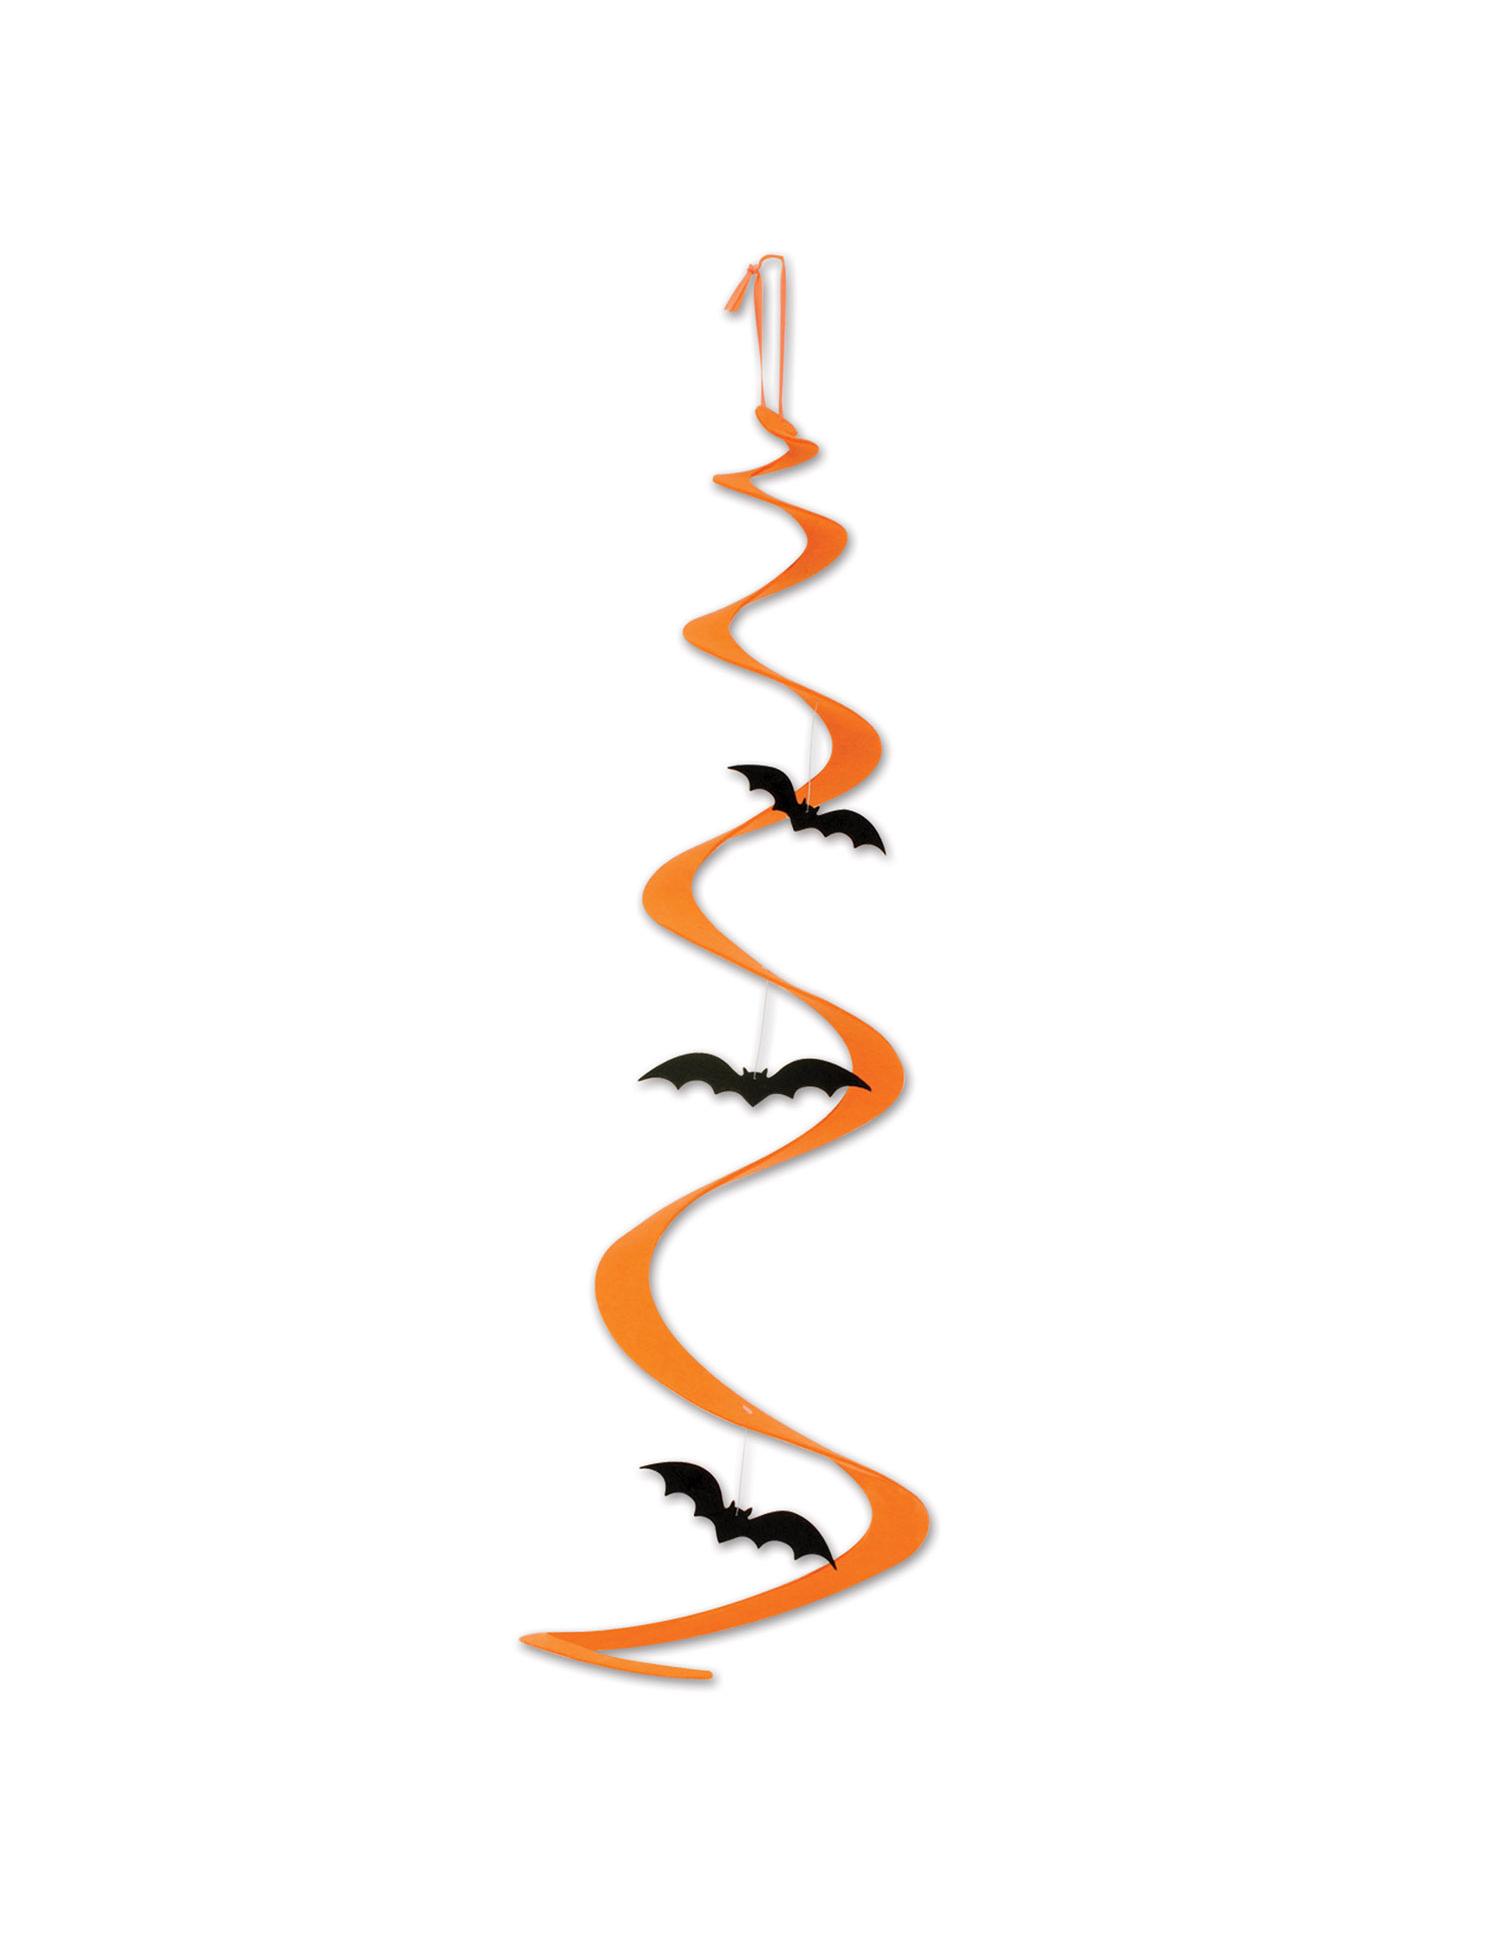 D coration spirale suspendre chauve souris halloween - Deco halloween chauve souris ...